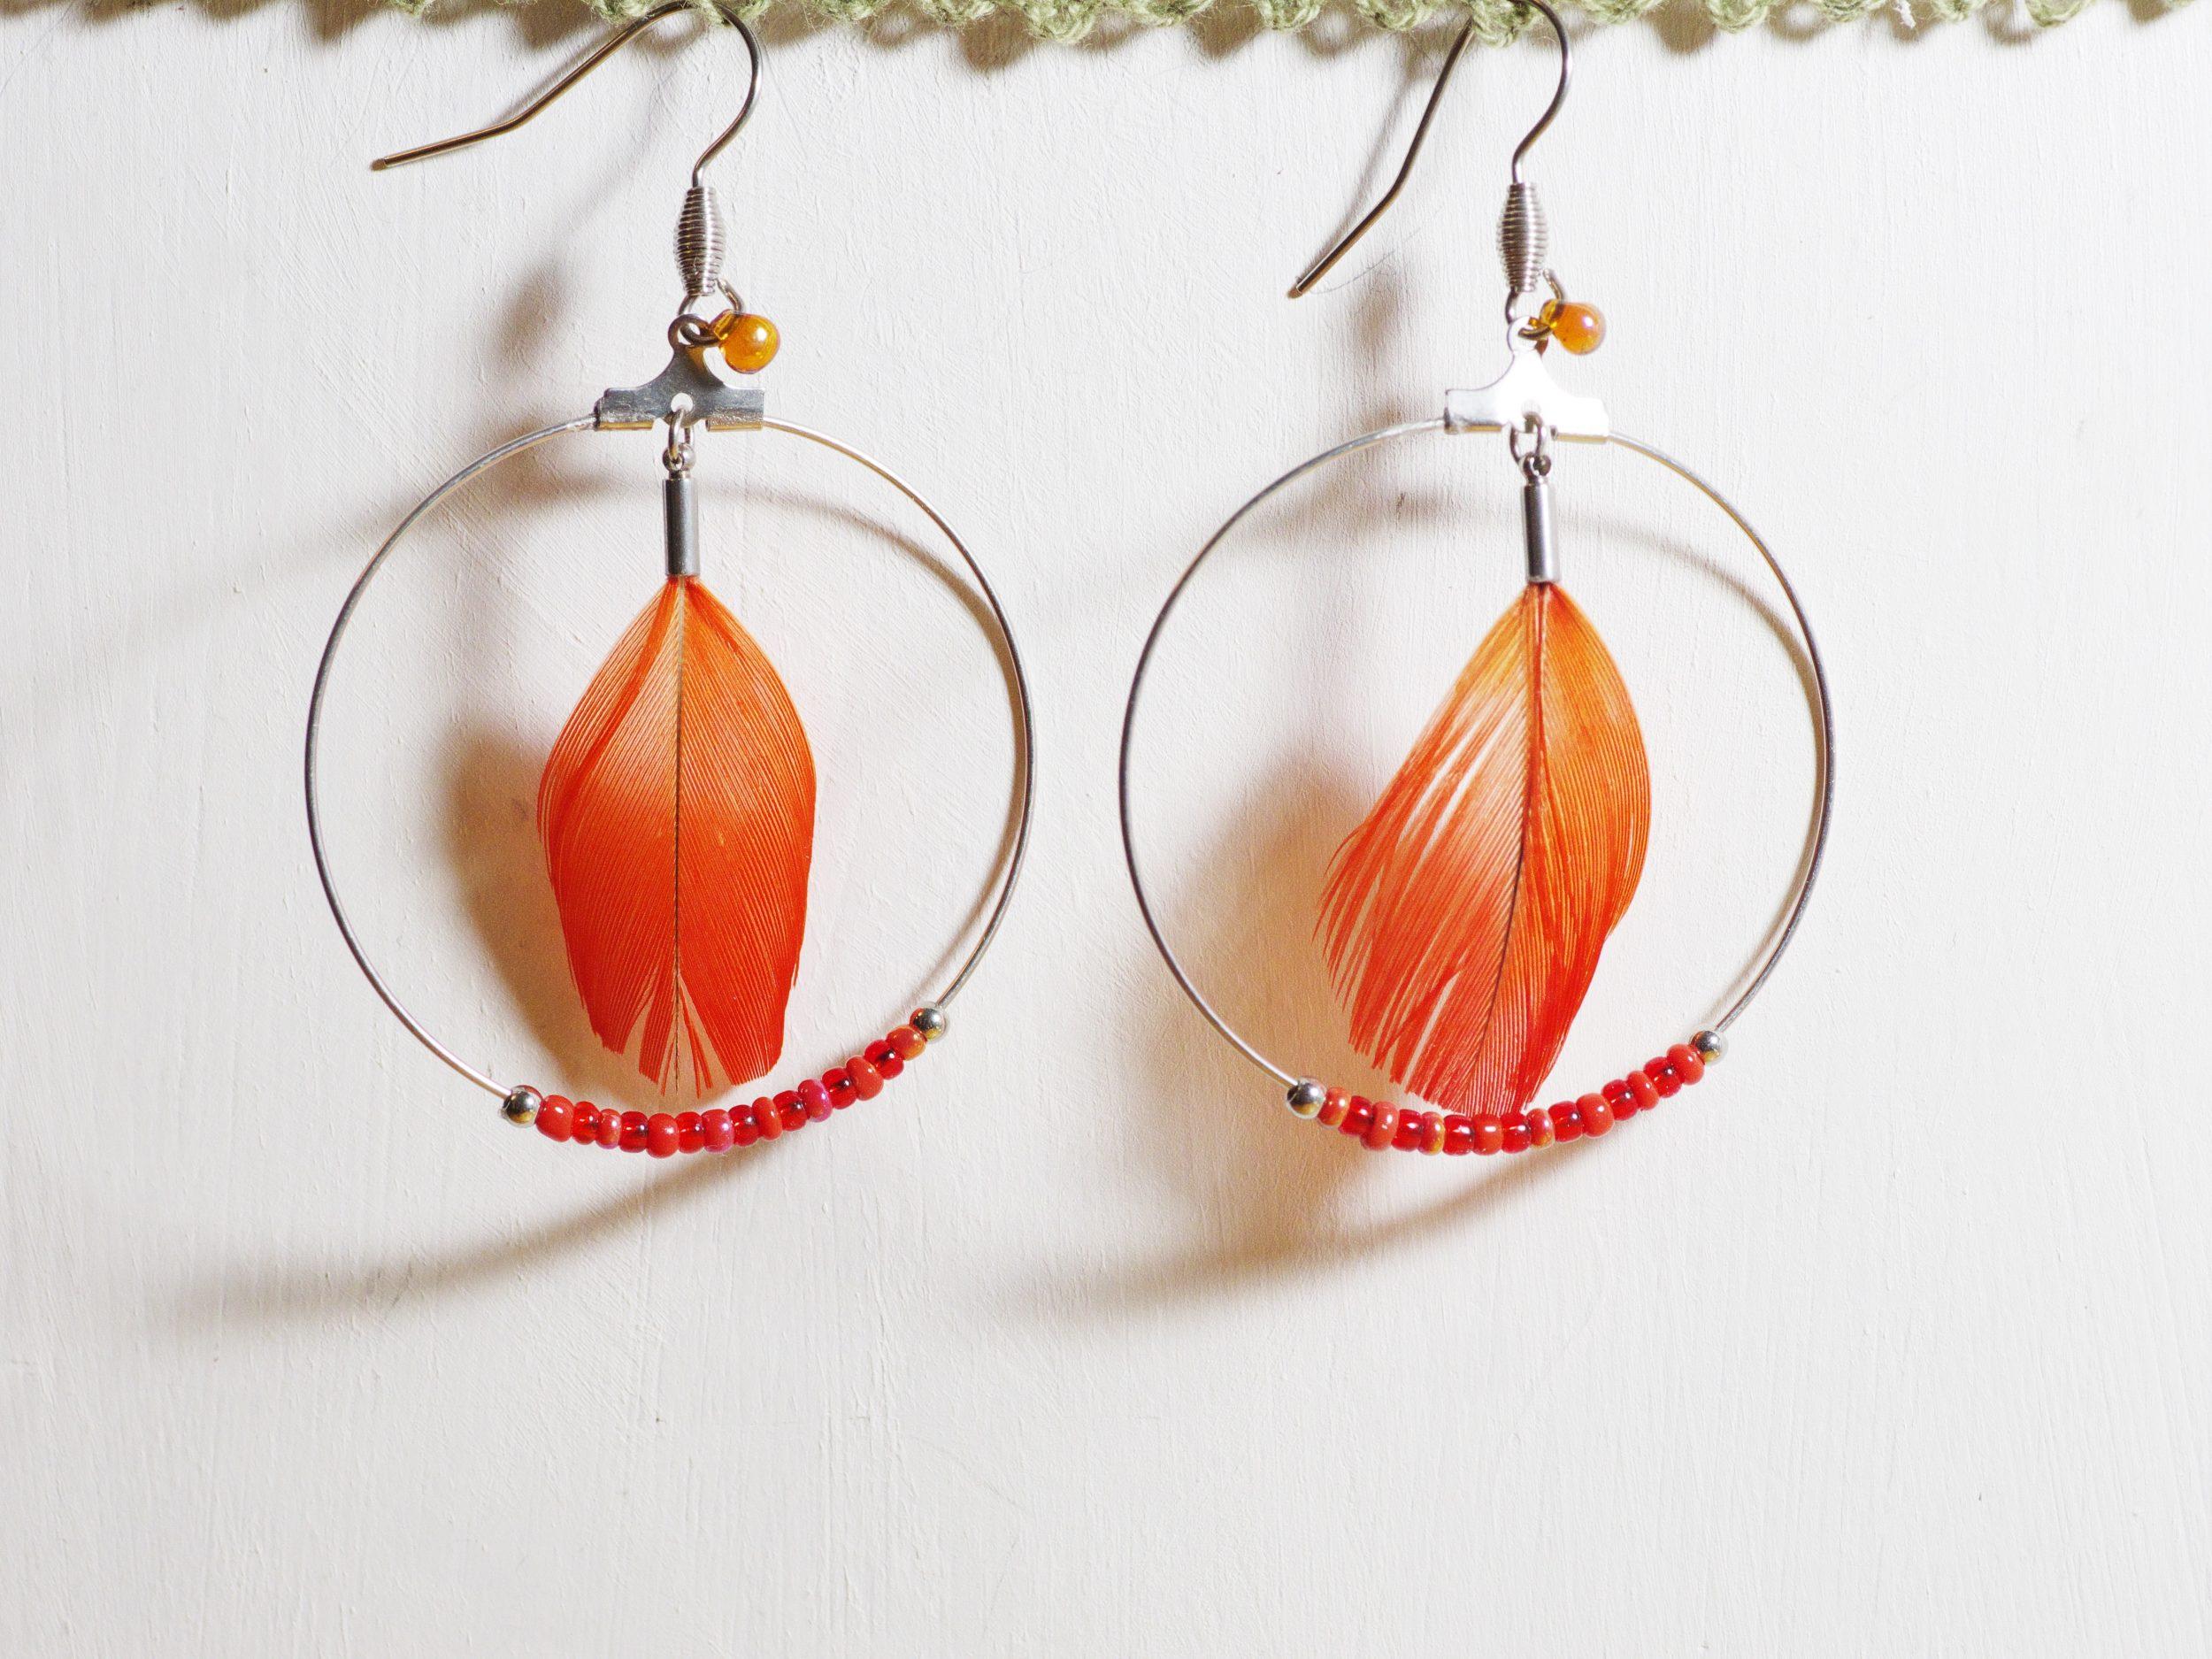 boucles d'oreilles rouges avec un anneau en inox et des plumes rouges